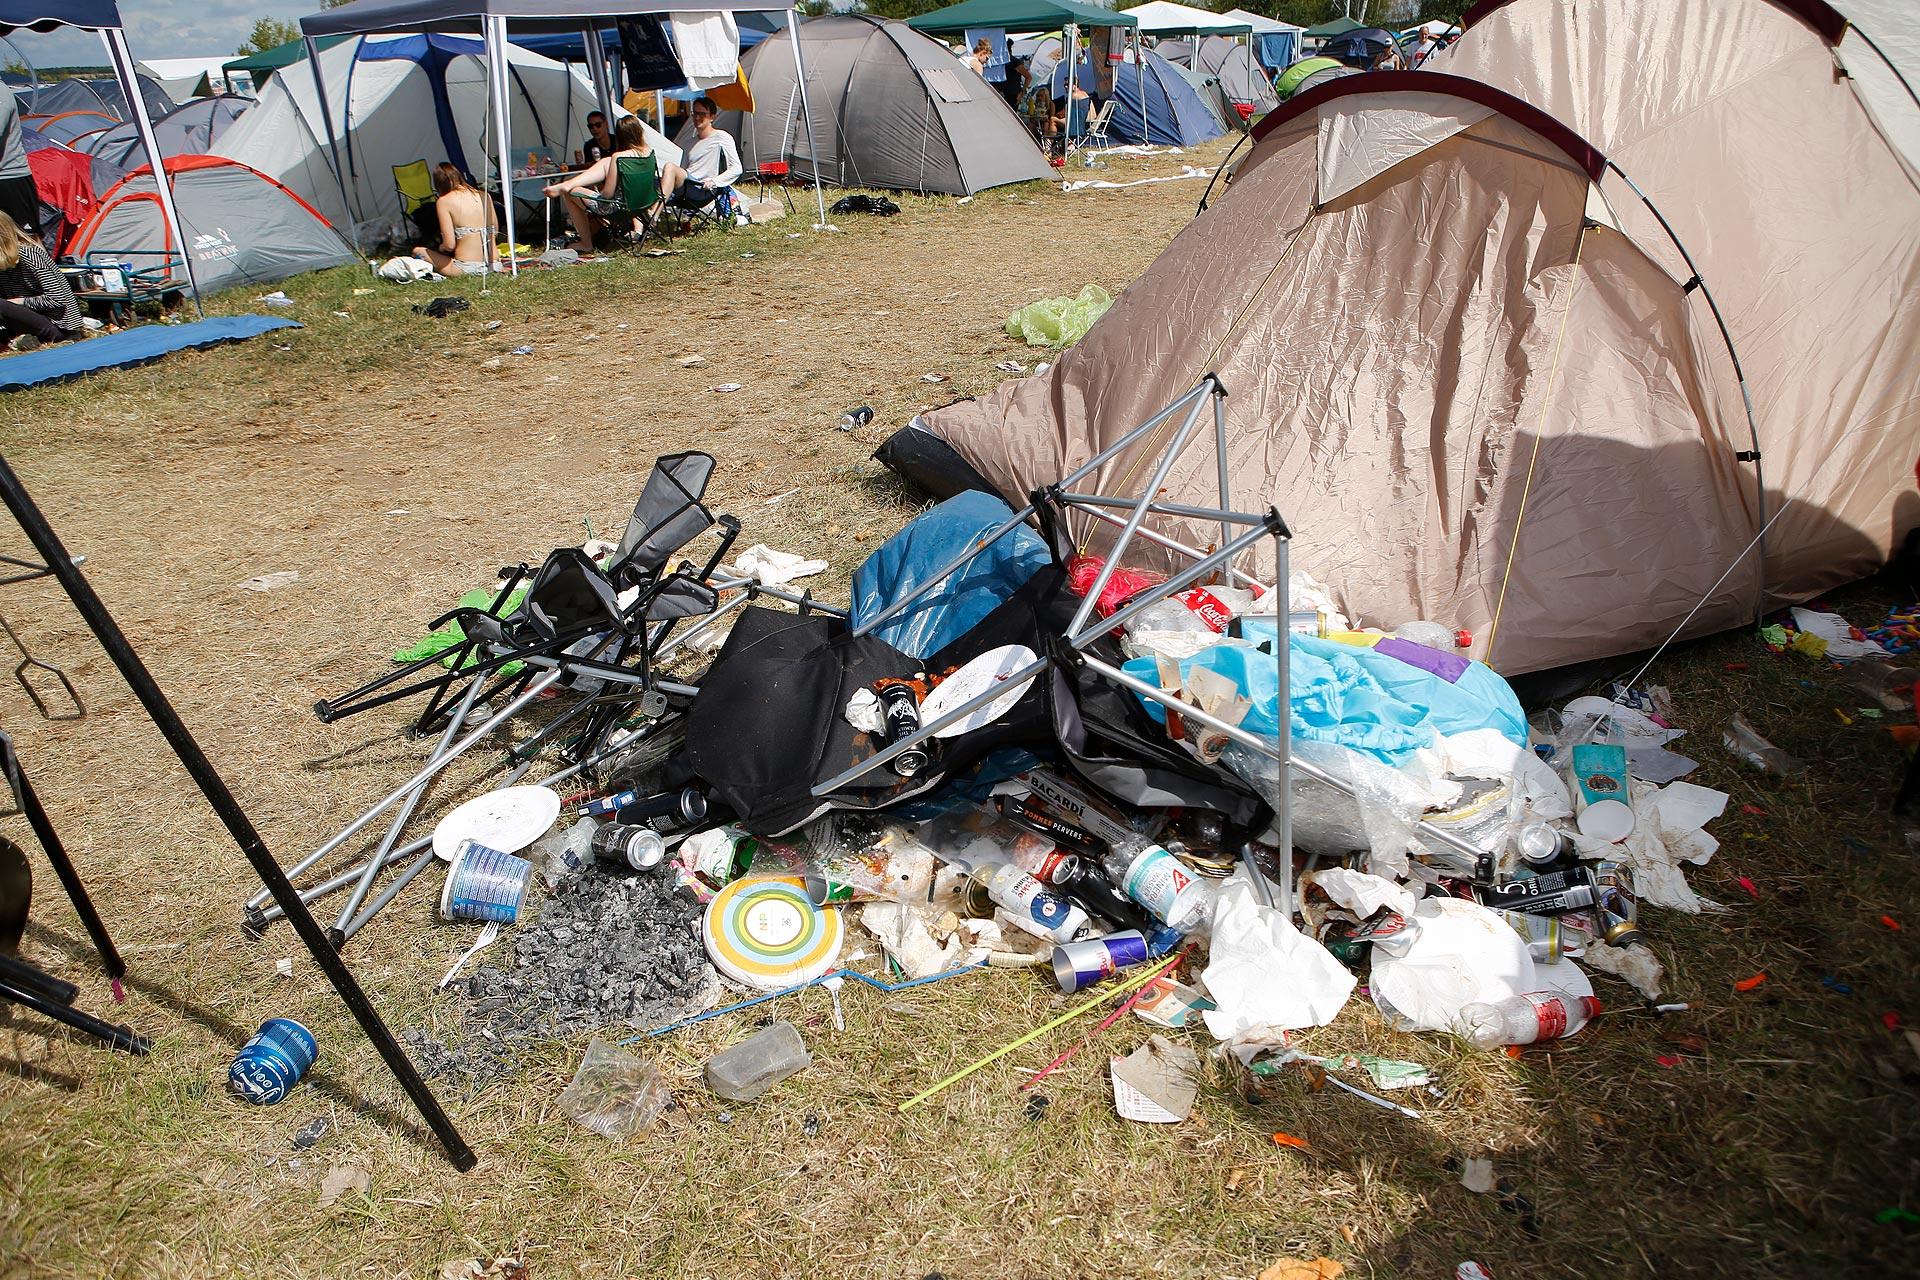 Müllberge türmen sich auf, nachdem die Festivalgänger nach Hause gefahren sind.